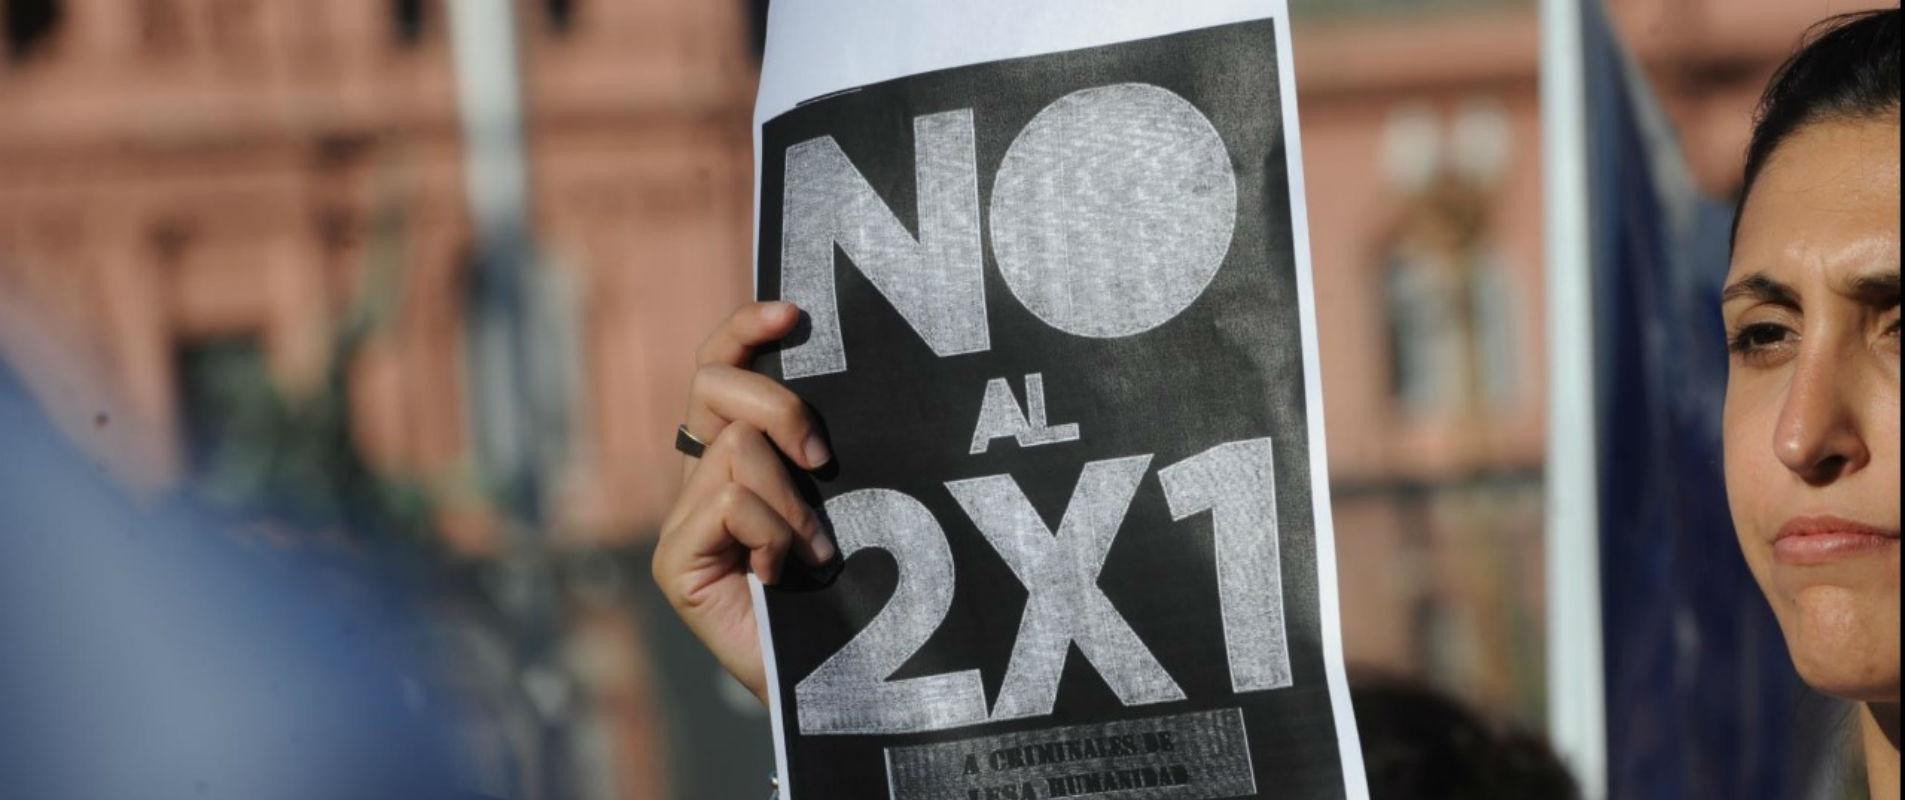 Acto contra la Impunidad (foto diario clarin)